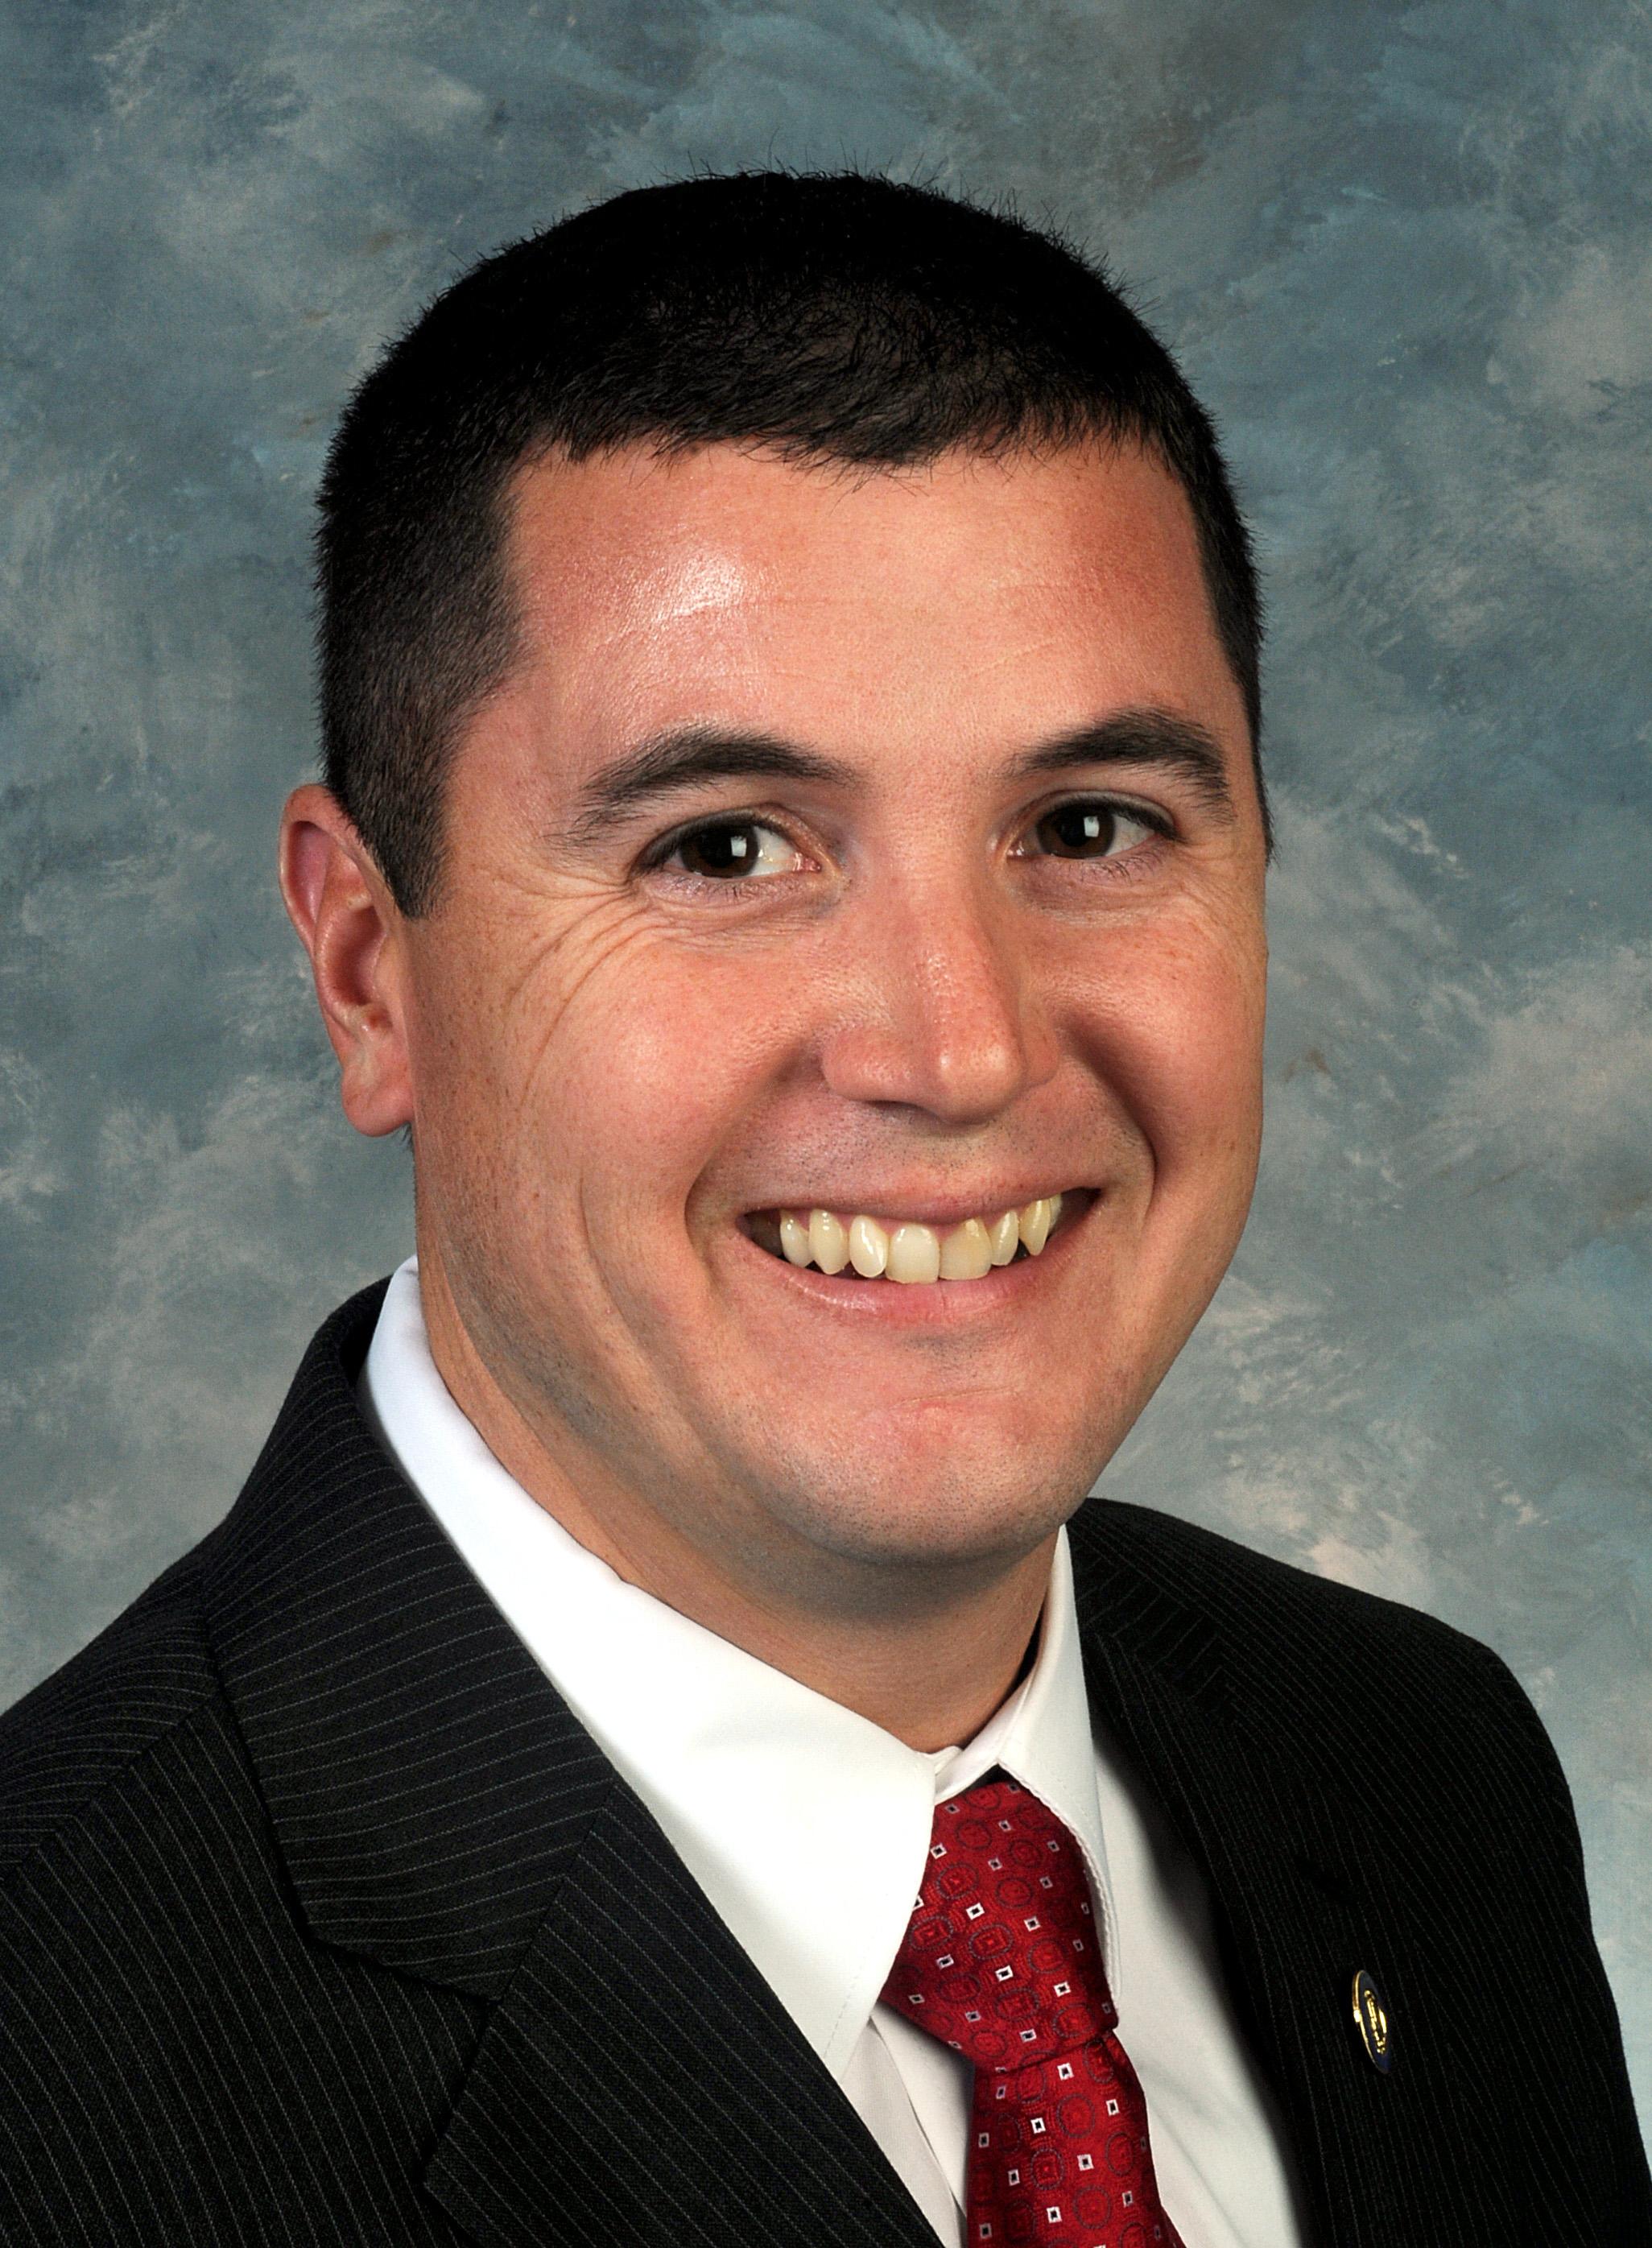 Rep. David Meade